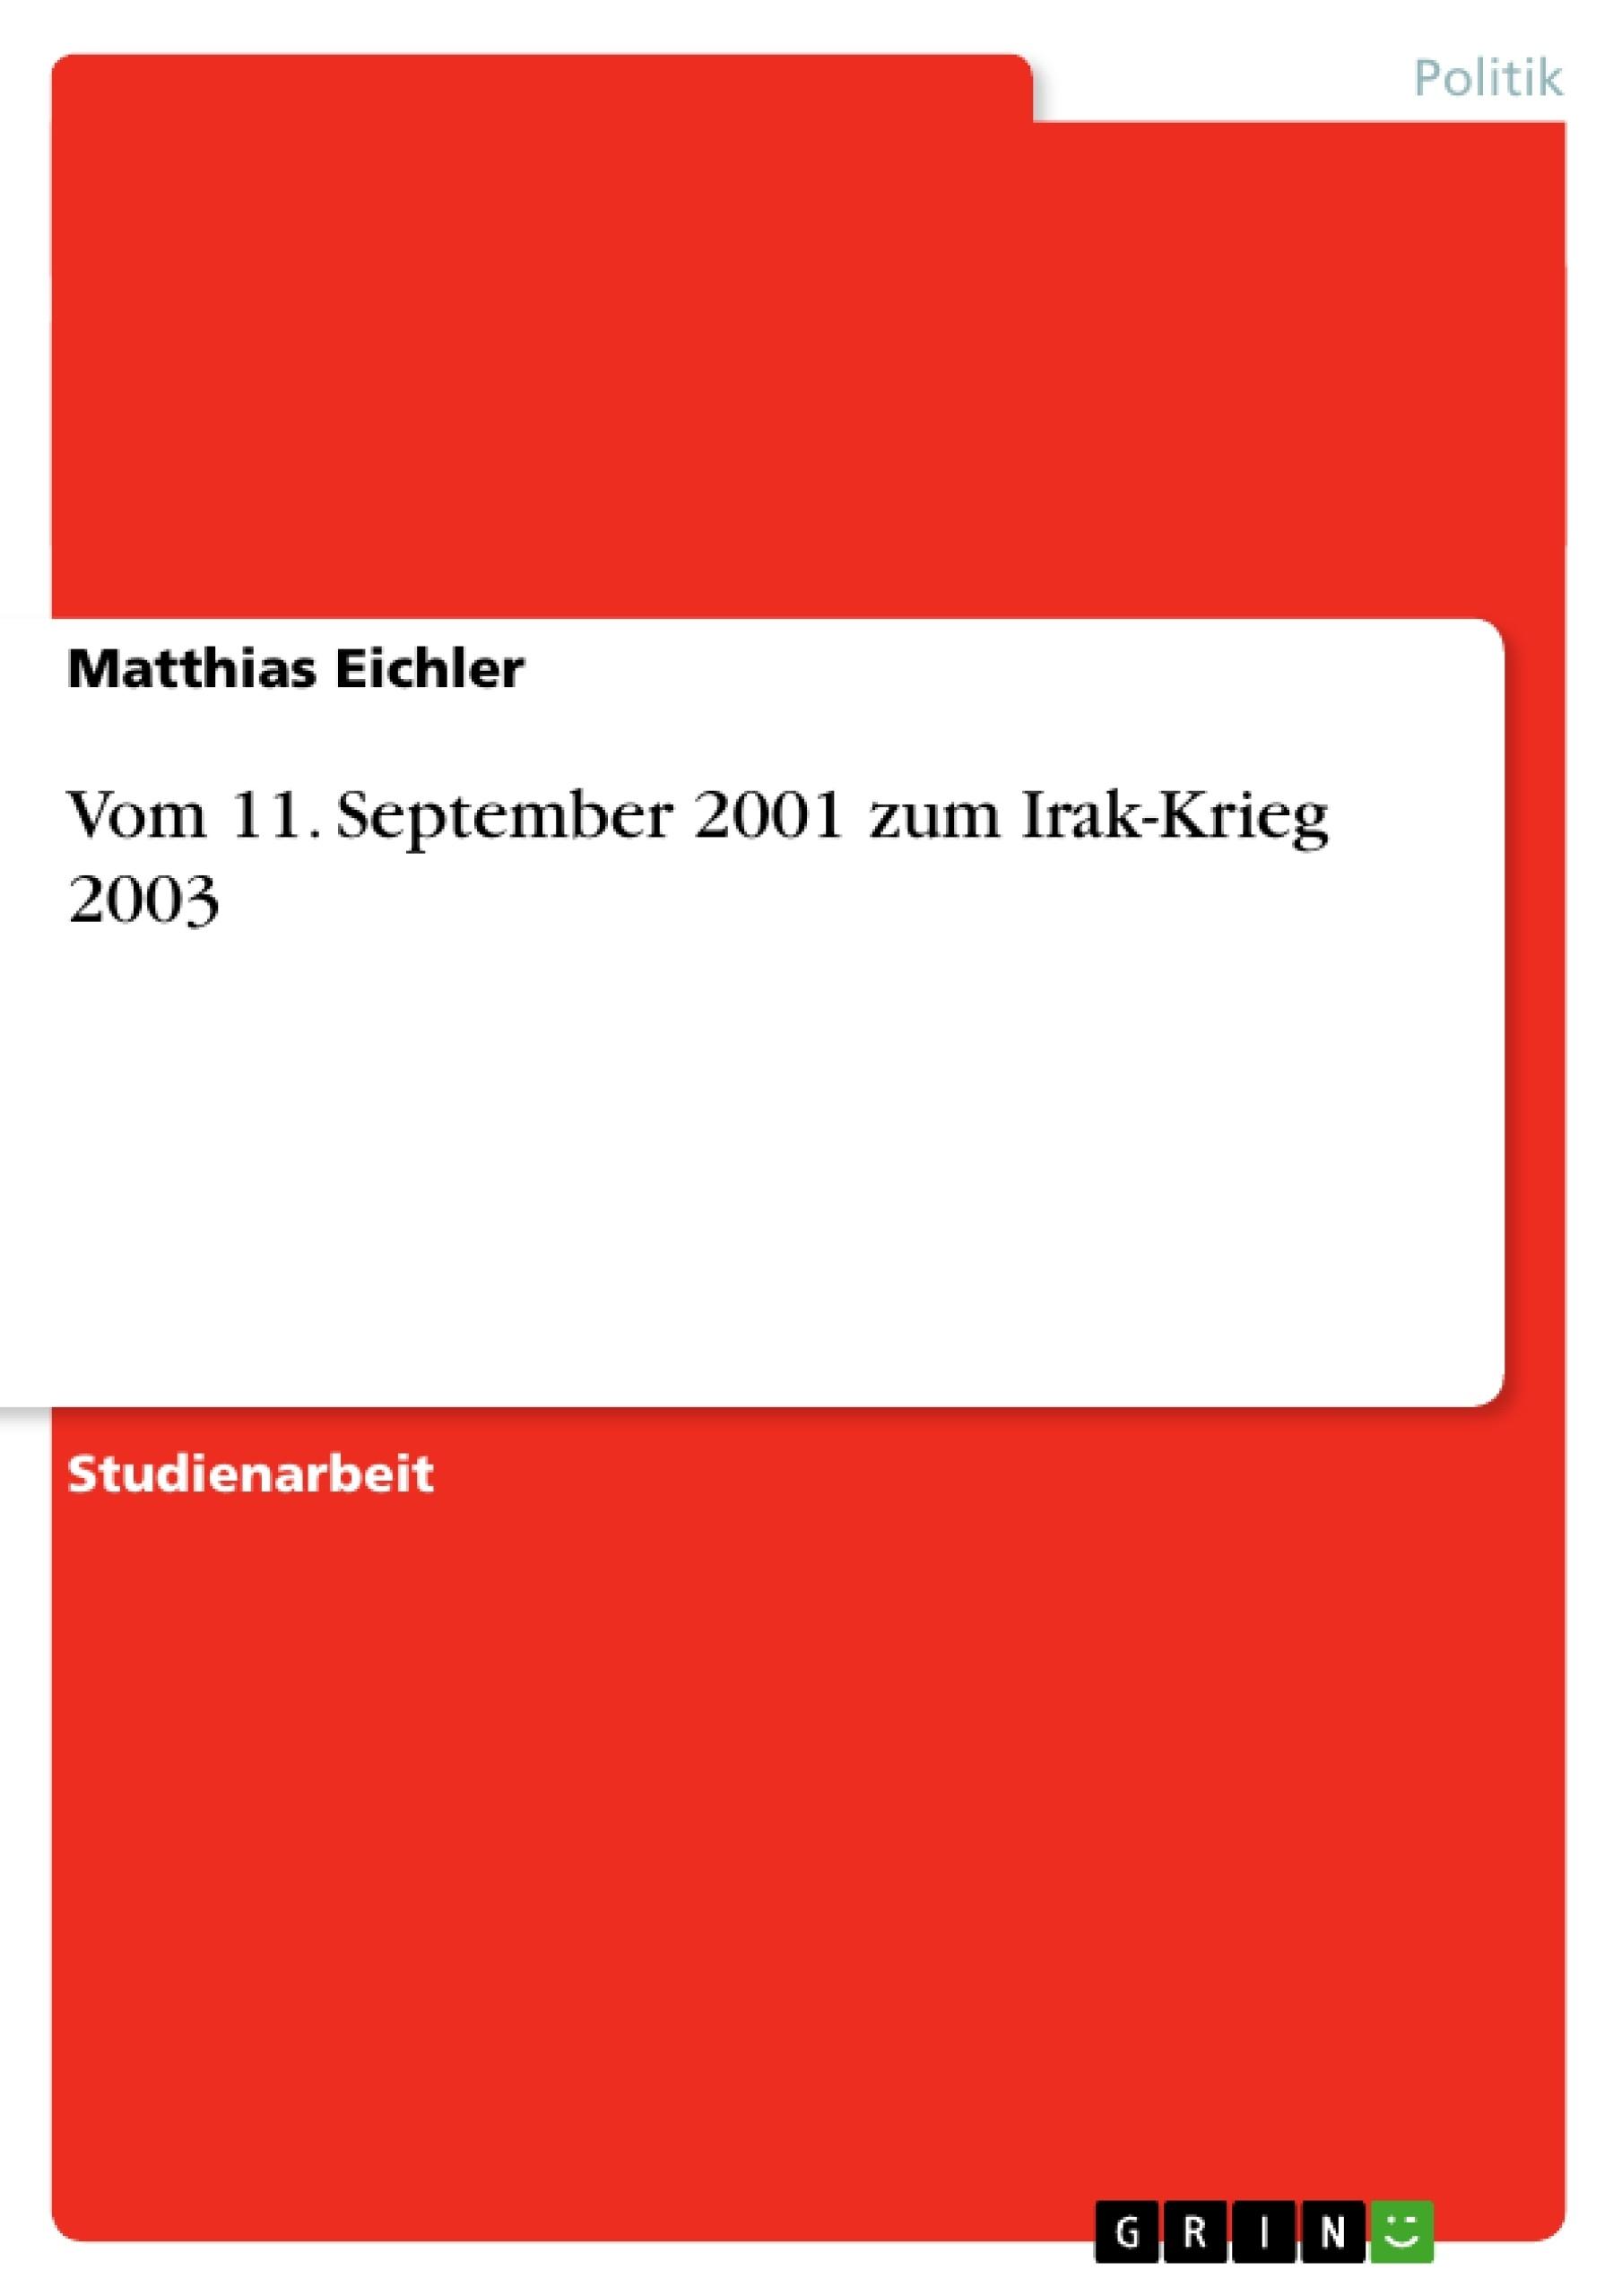 Titel: Vom 11. September 2001 zum Irak-Krieg 2003